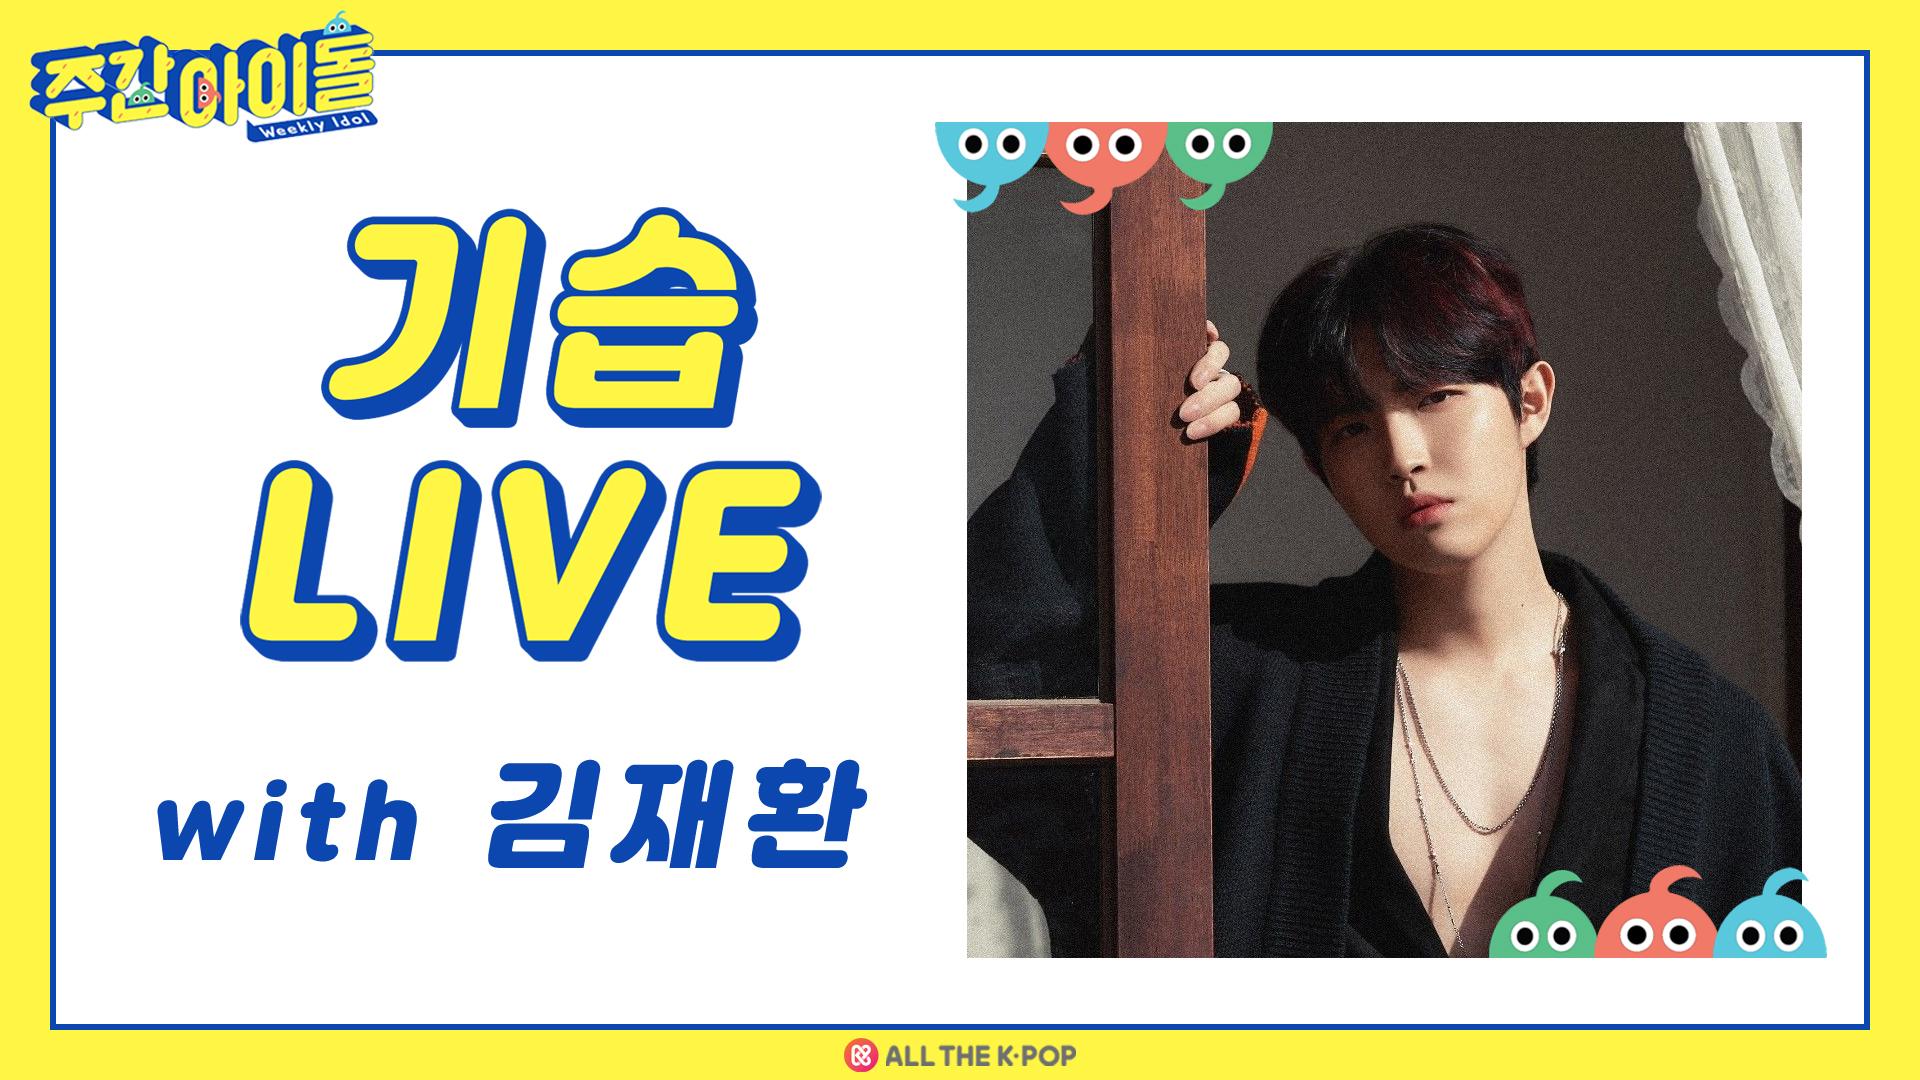 [주간아이돌] 기습 라이브 with 김재환